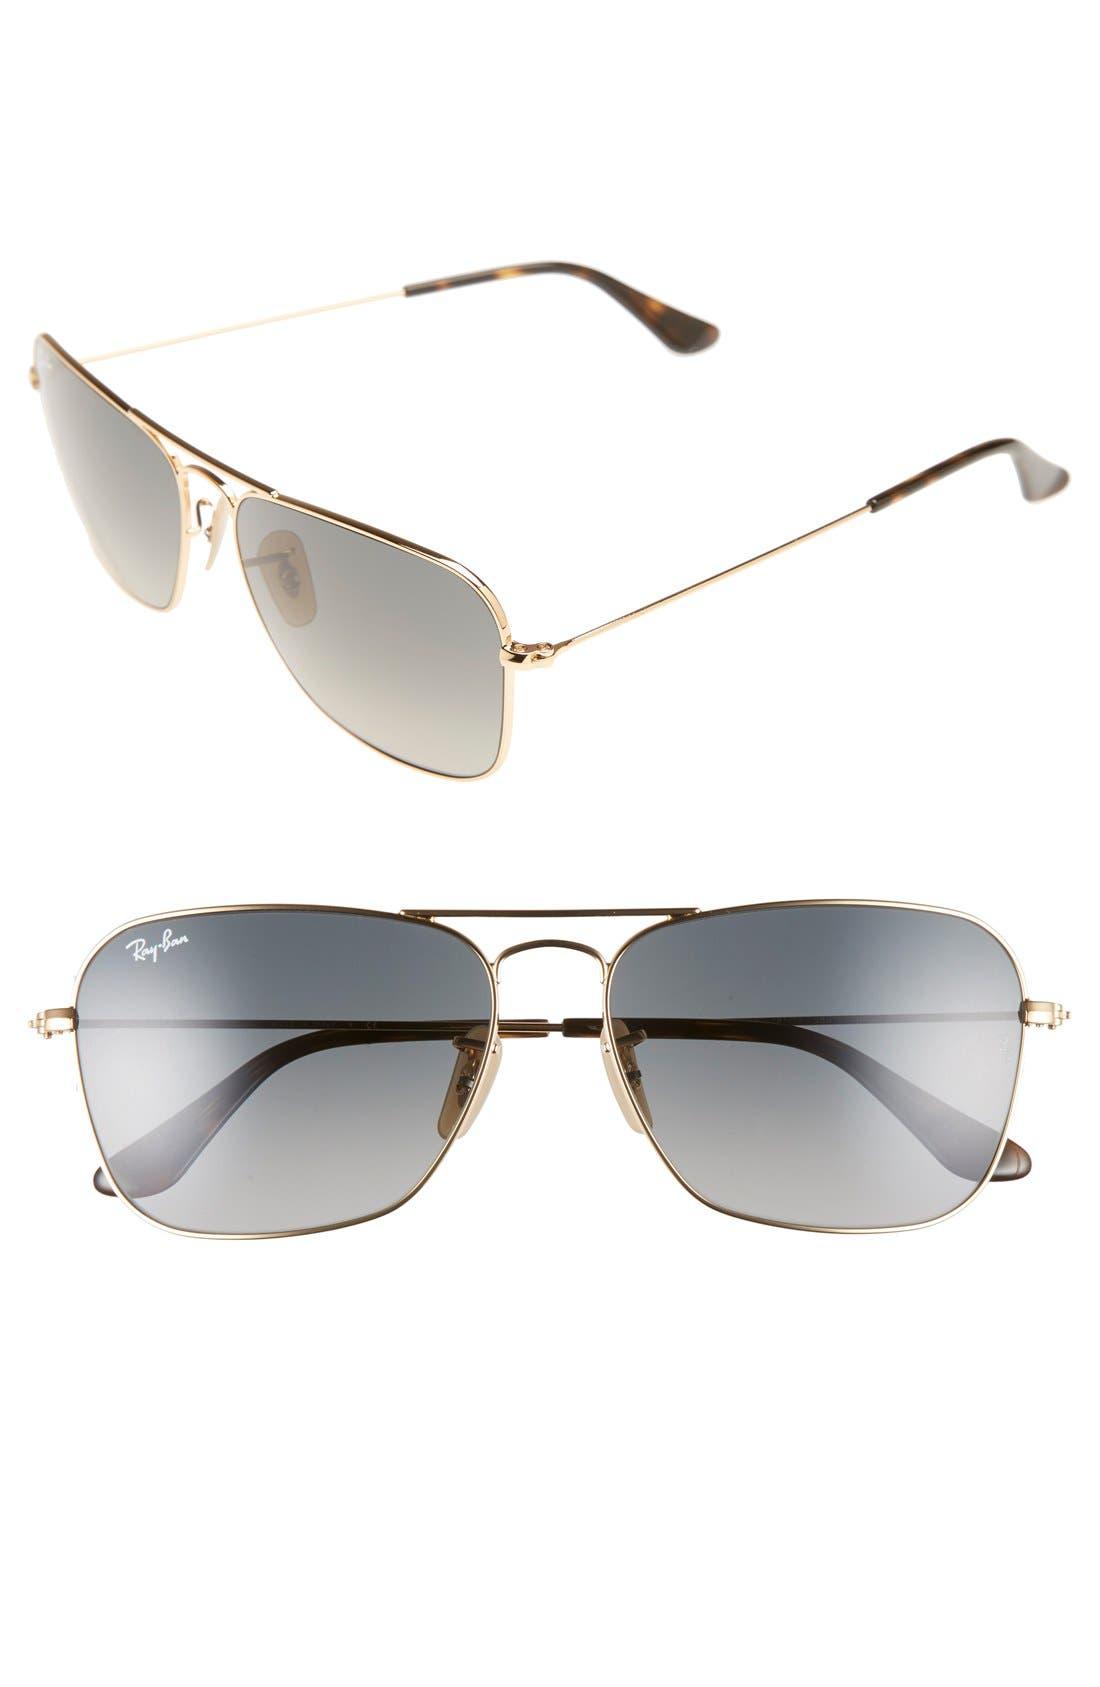 Alternate Image 1 Selected - Ray-Ban Caravan 58mm Aviator Sunglasses